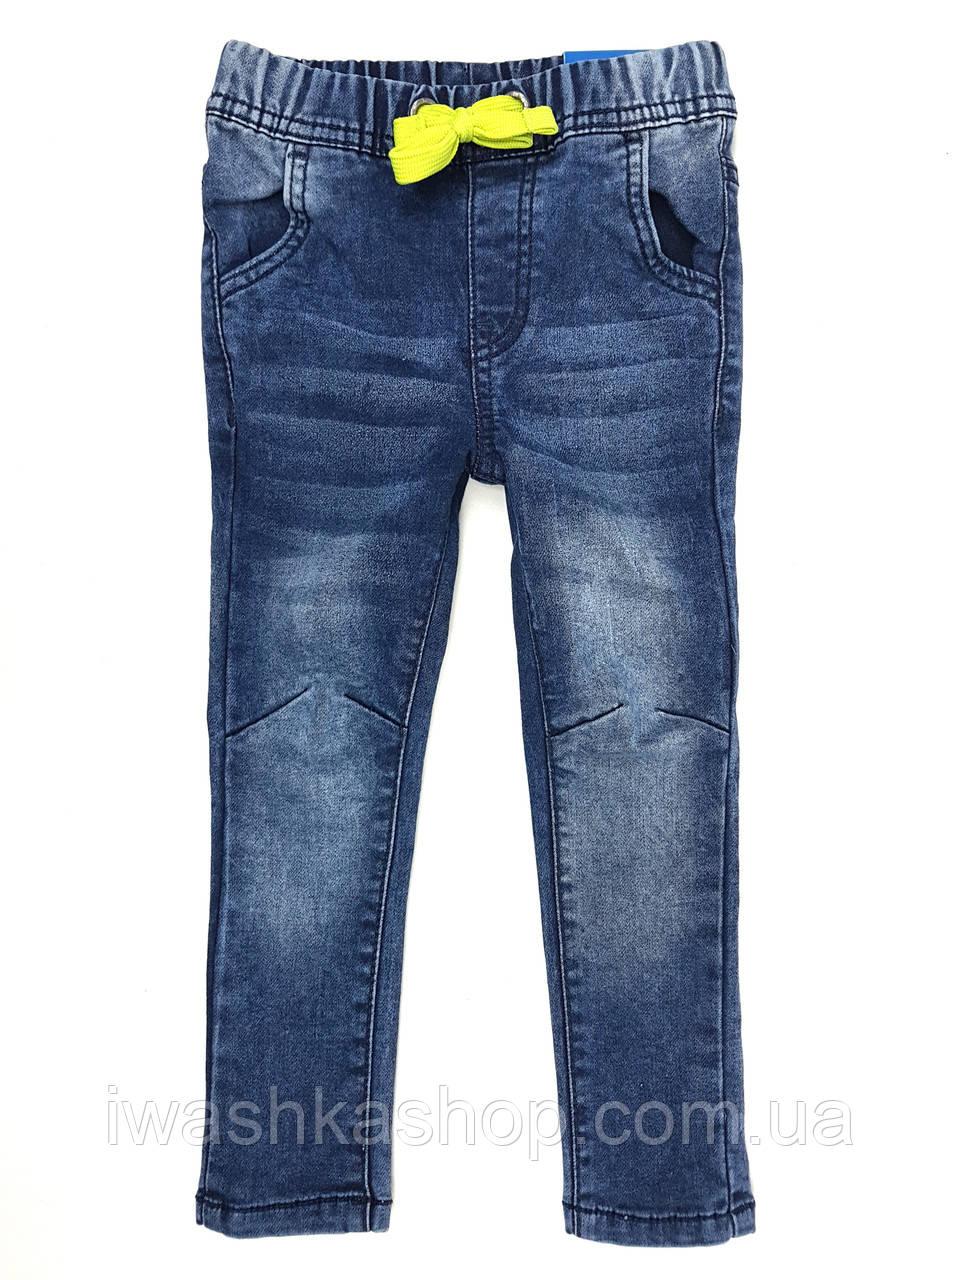 Стильные синие джинсы Straight fit на мальчика 1,5 - 2 года, р. 92, Kiki&Koko / KIK